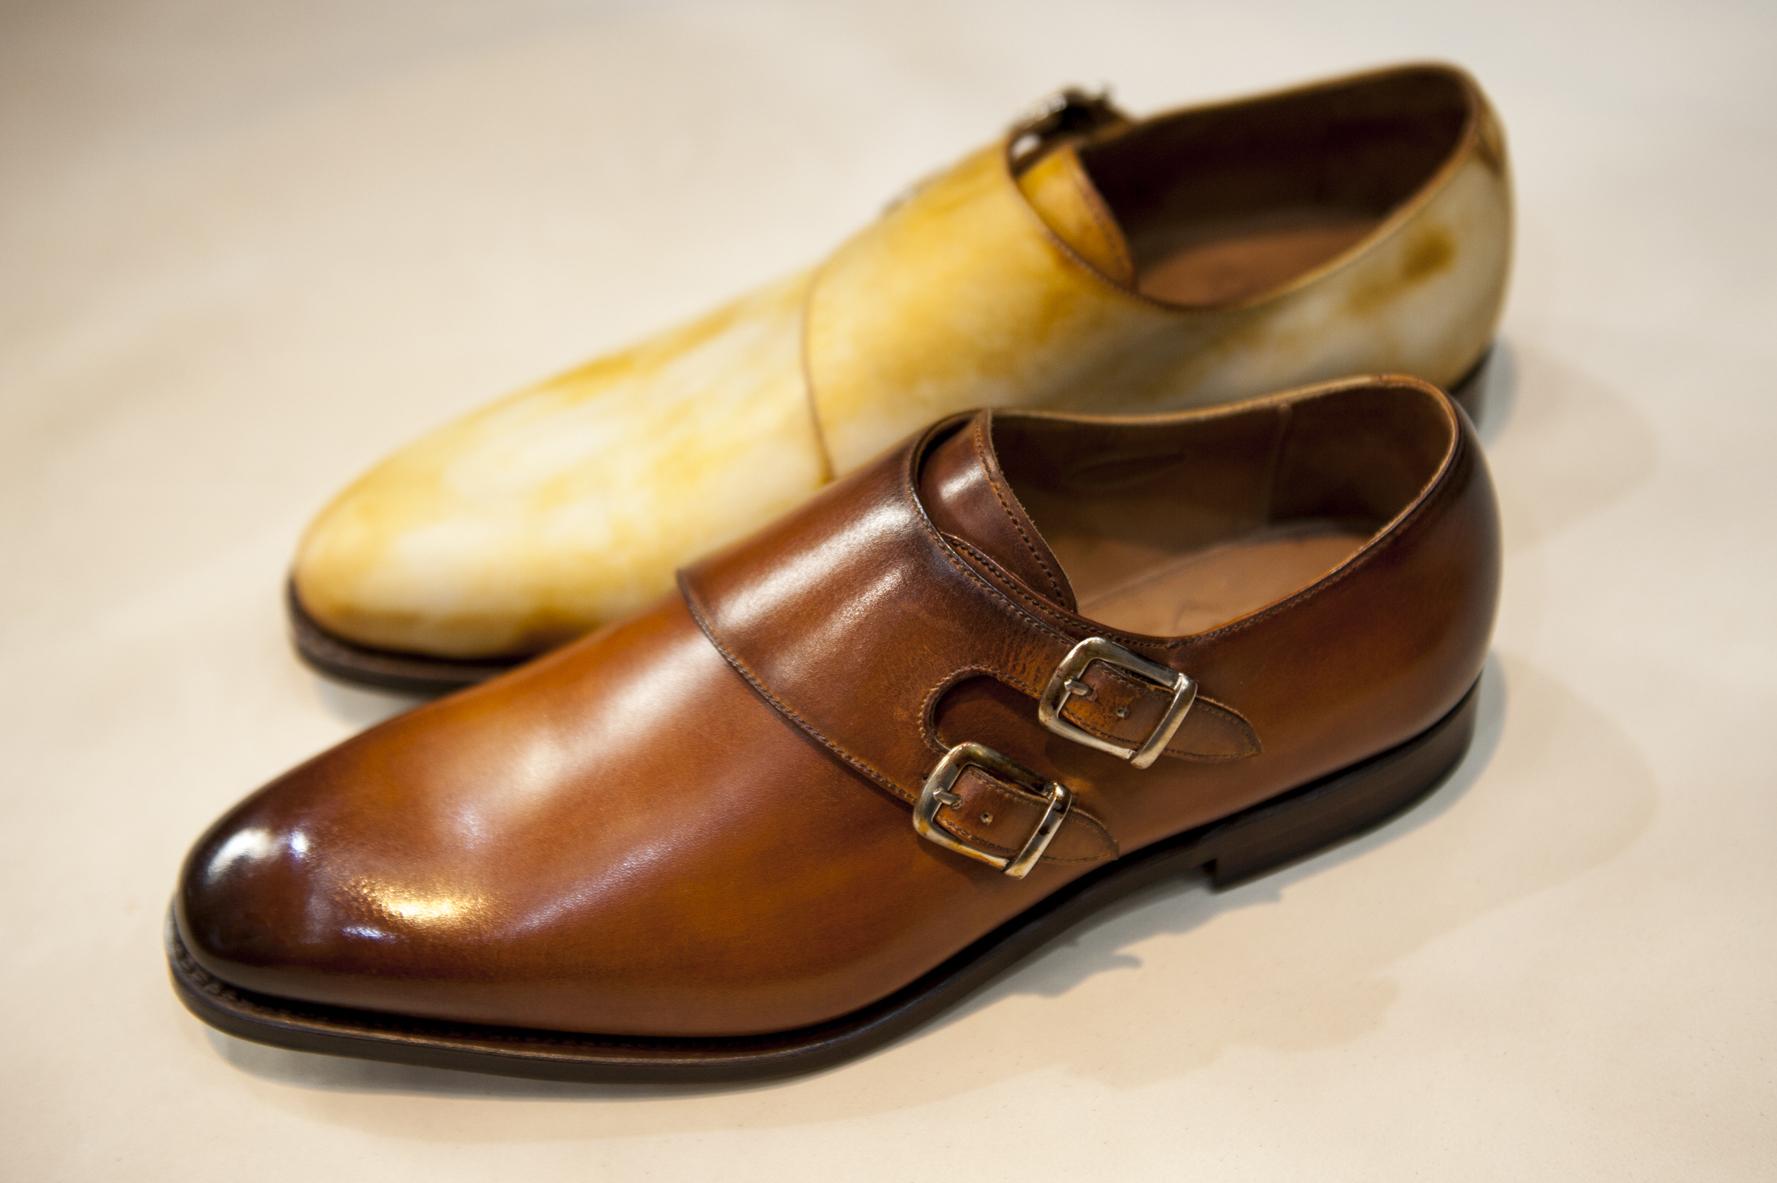 zapatos con pátina